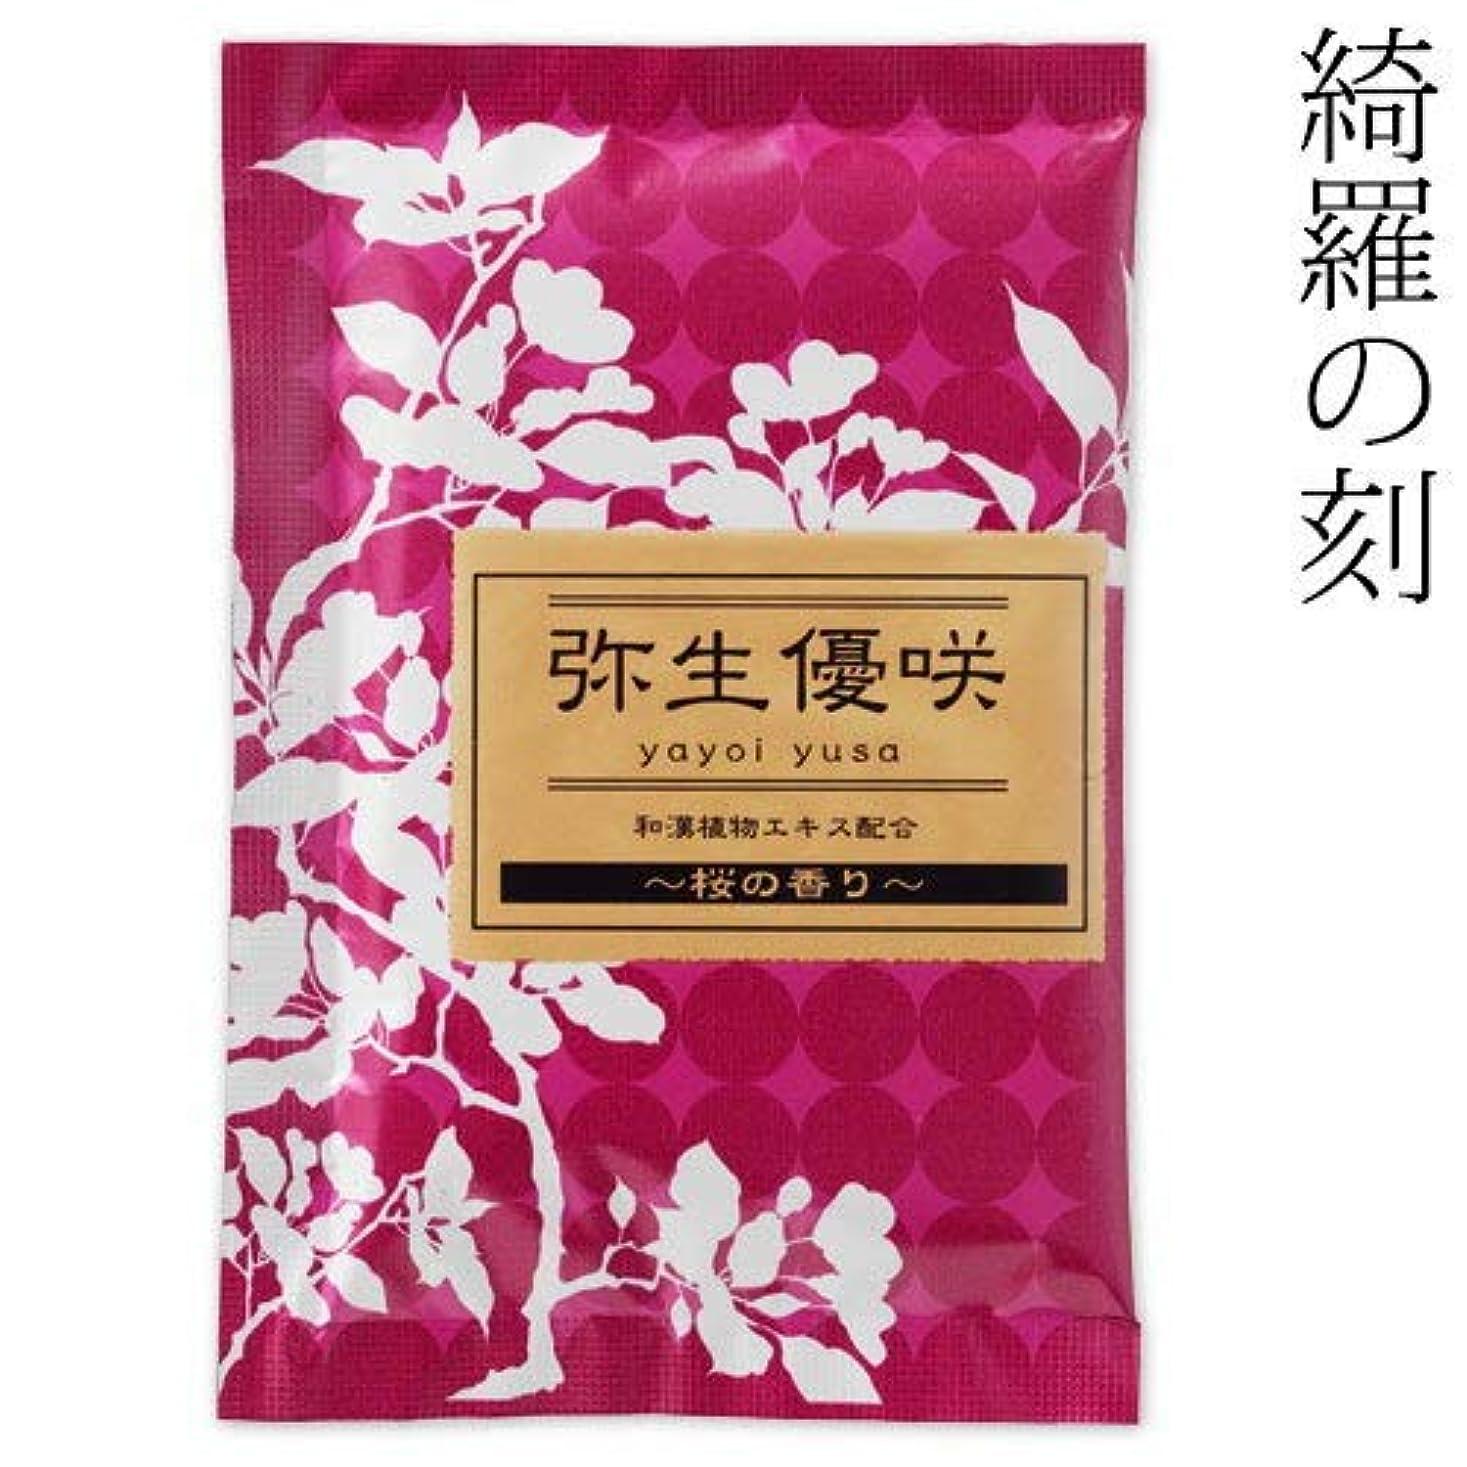 広まったカスケード課す入浴剤綺羅の刻桜の香り弥生優咲1包石川県のお風呂グッズBath additive, Ishikawa craft